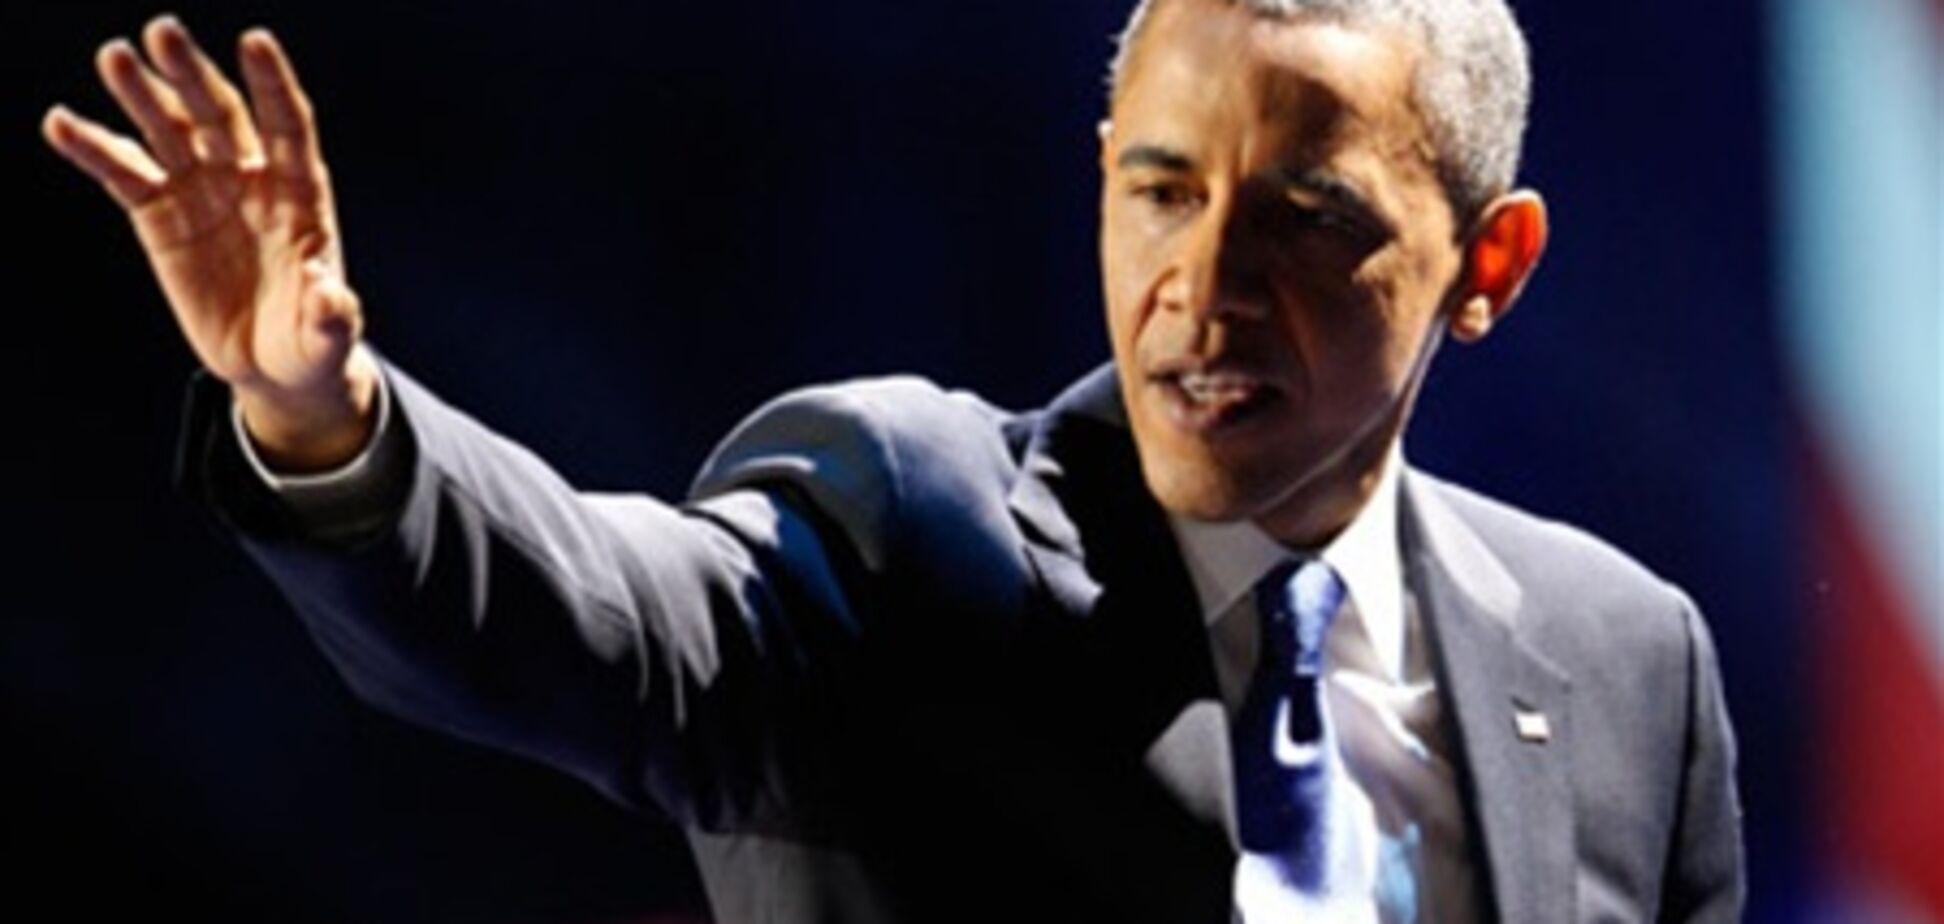 У США підведені підсумки виборів президента